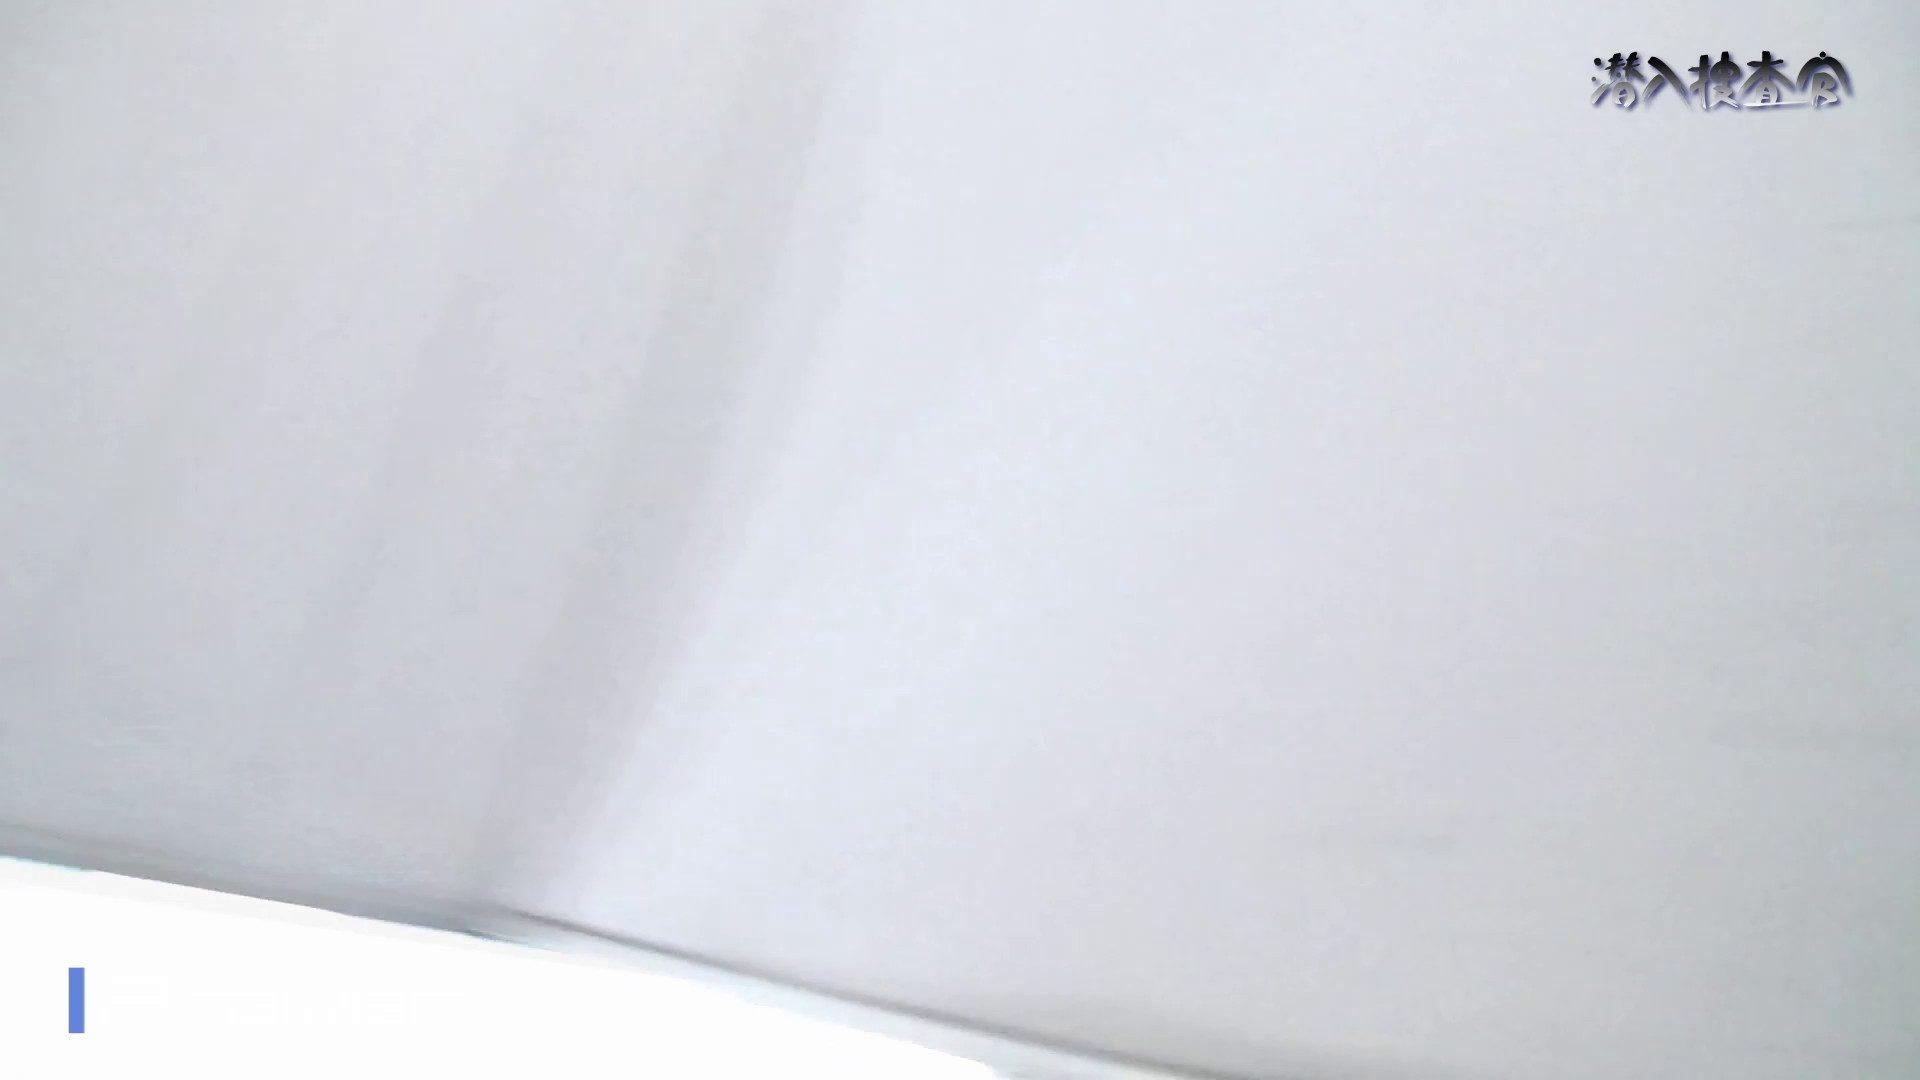 なんだこれ!35 完全に閉じている純白な「蕾」 高画質  83枚 80